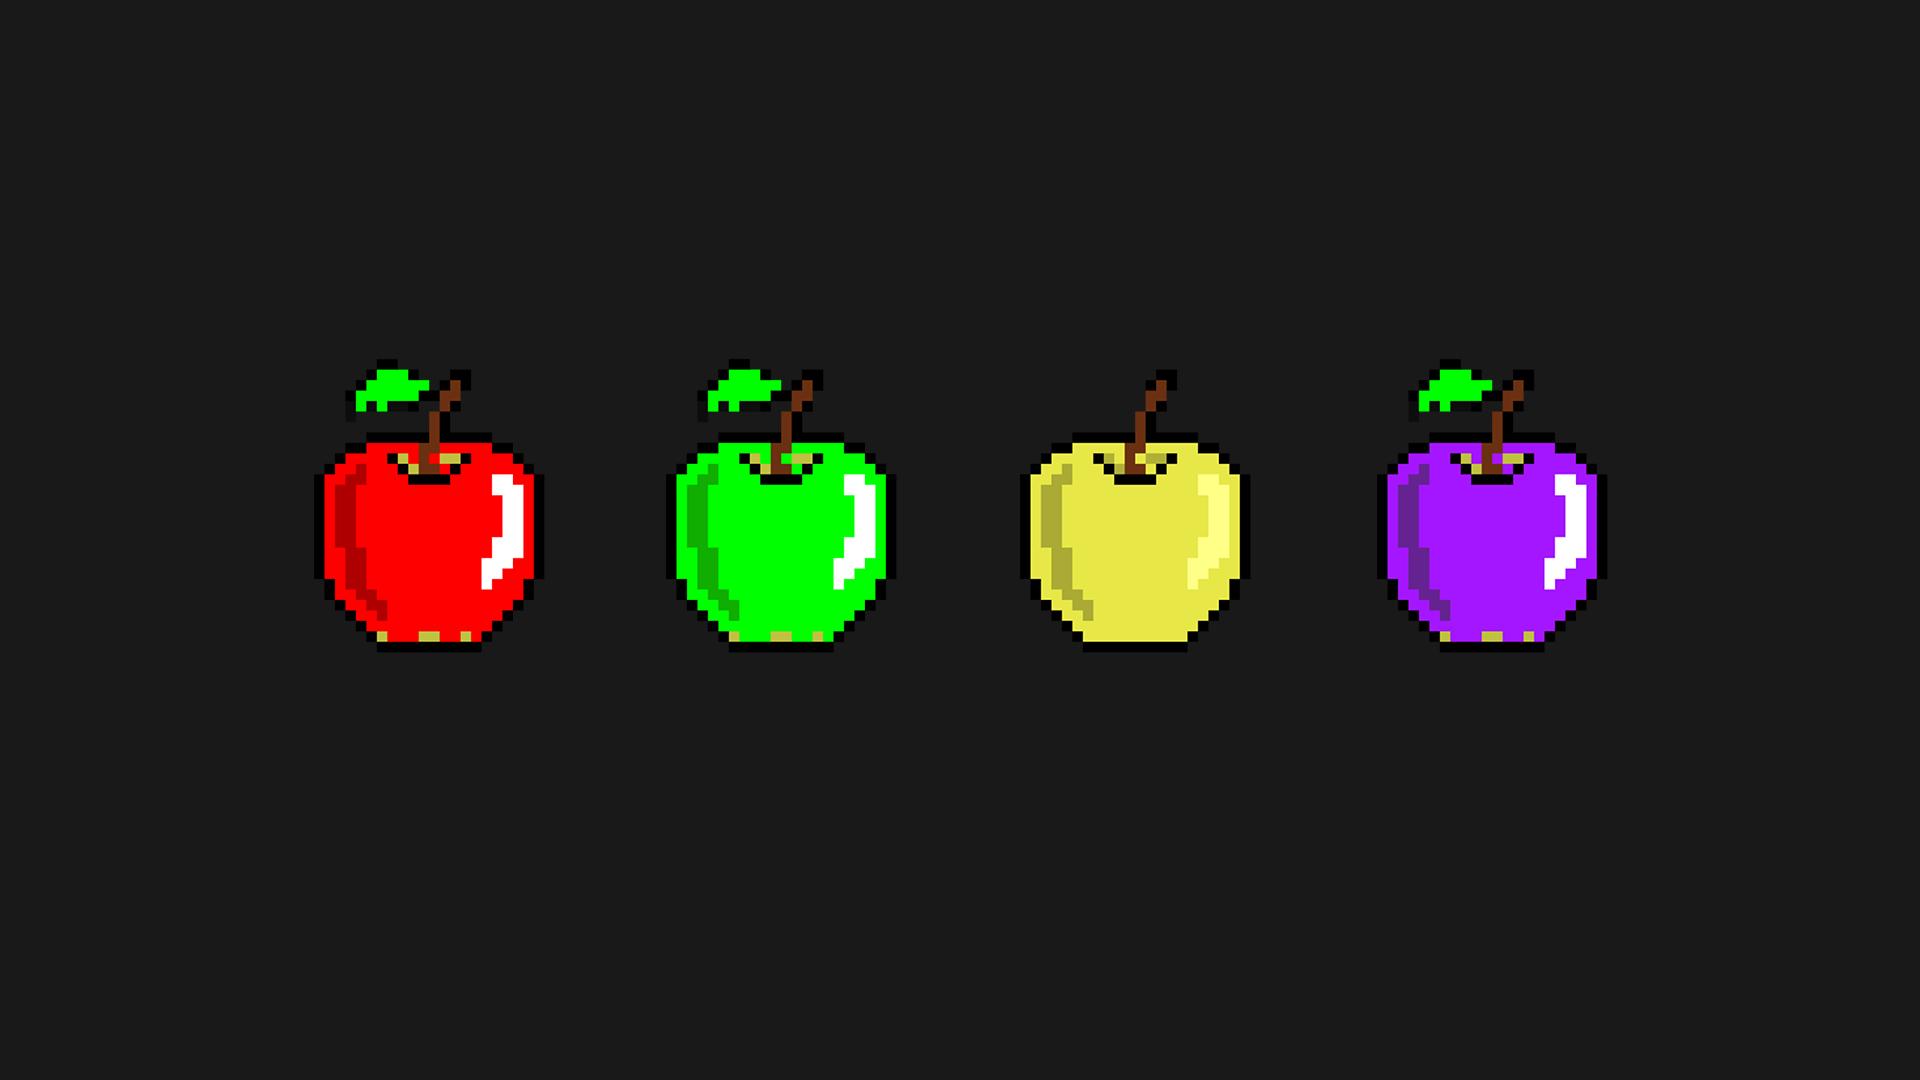 Four Color Apple Image